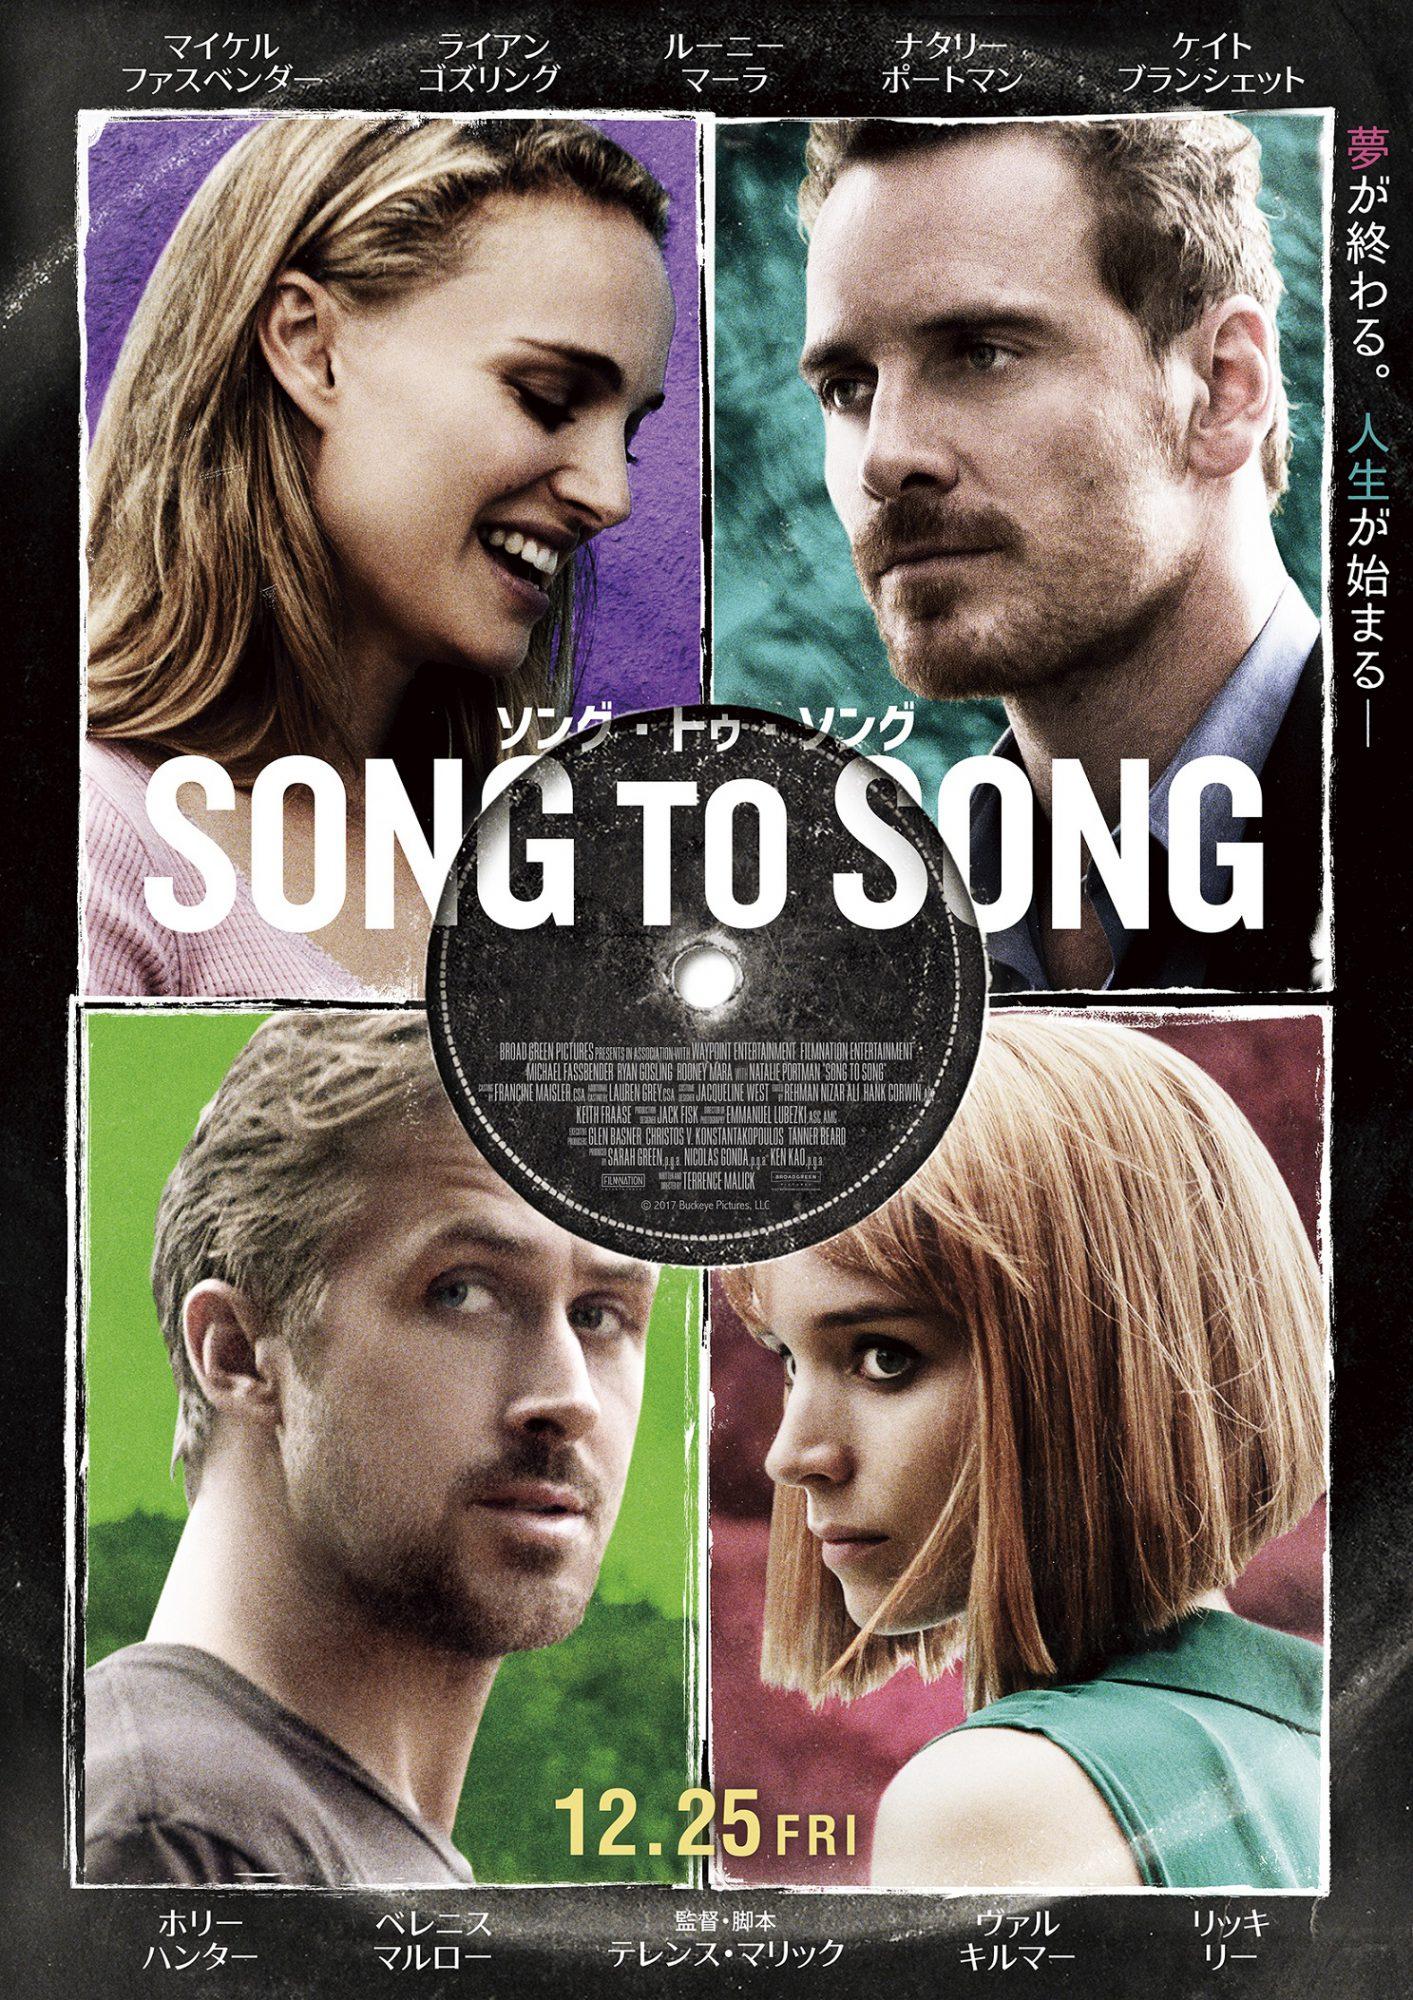 12月25日公開『ソング・トゥ・ソング』